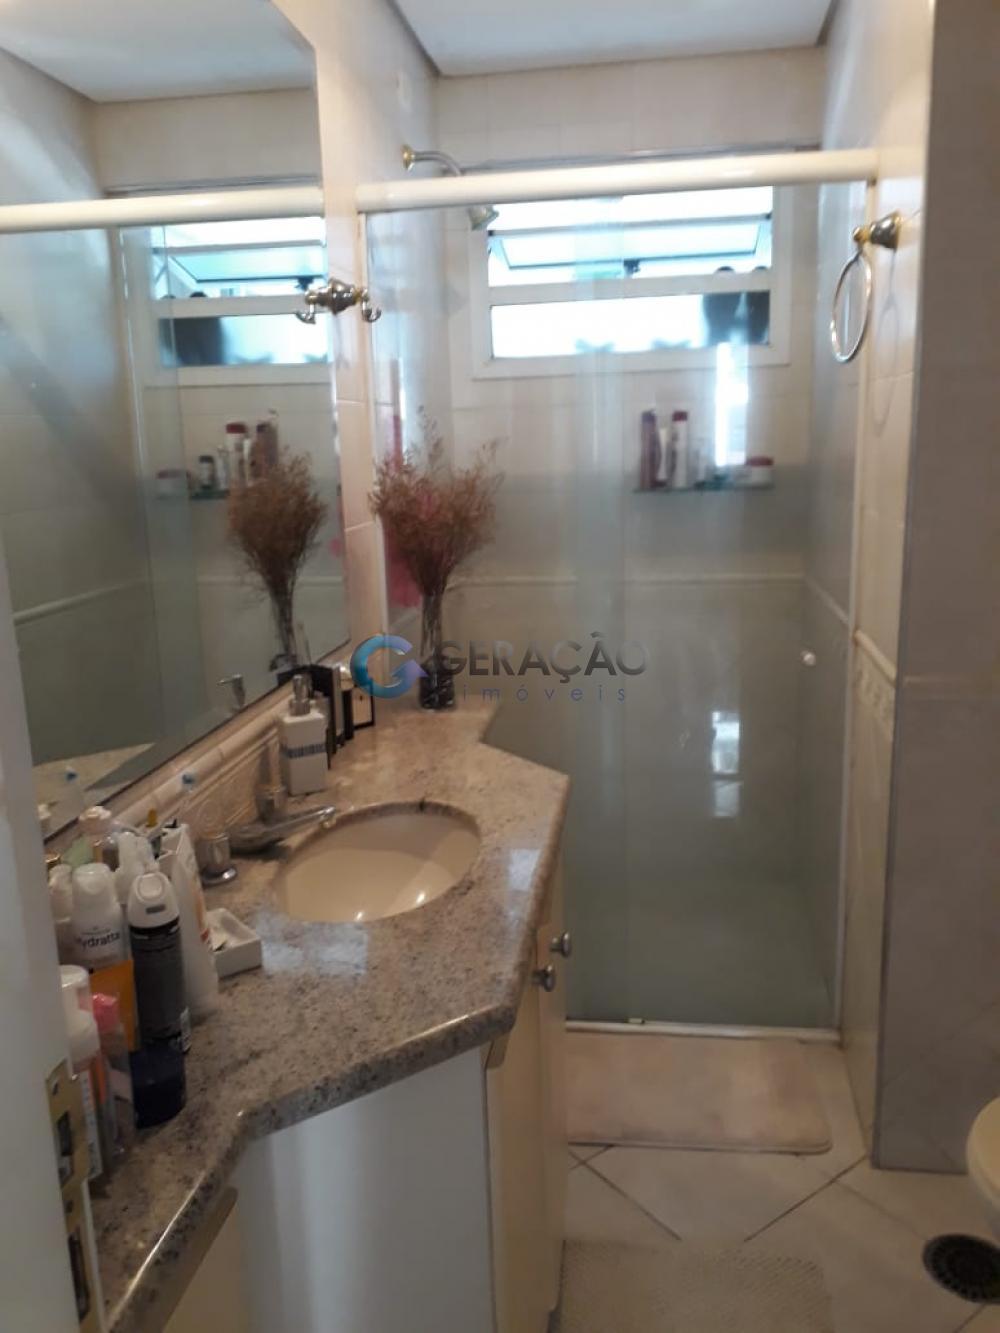 Comprar Apartamento / Padrão em São José dos Campos apenas R$ 670.000,00 - Foto 19